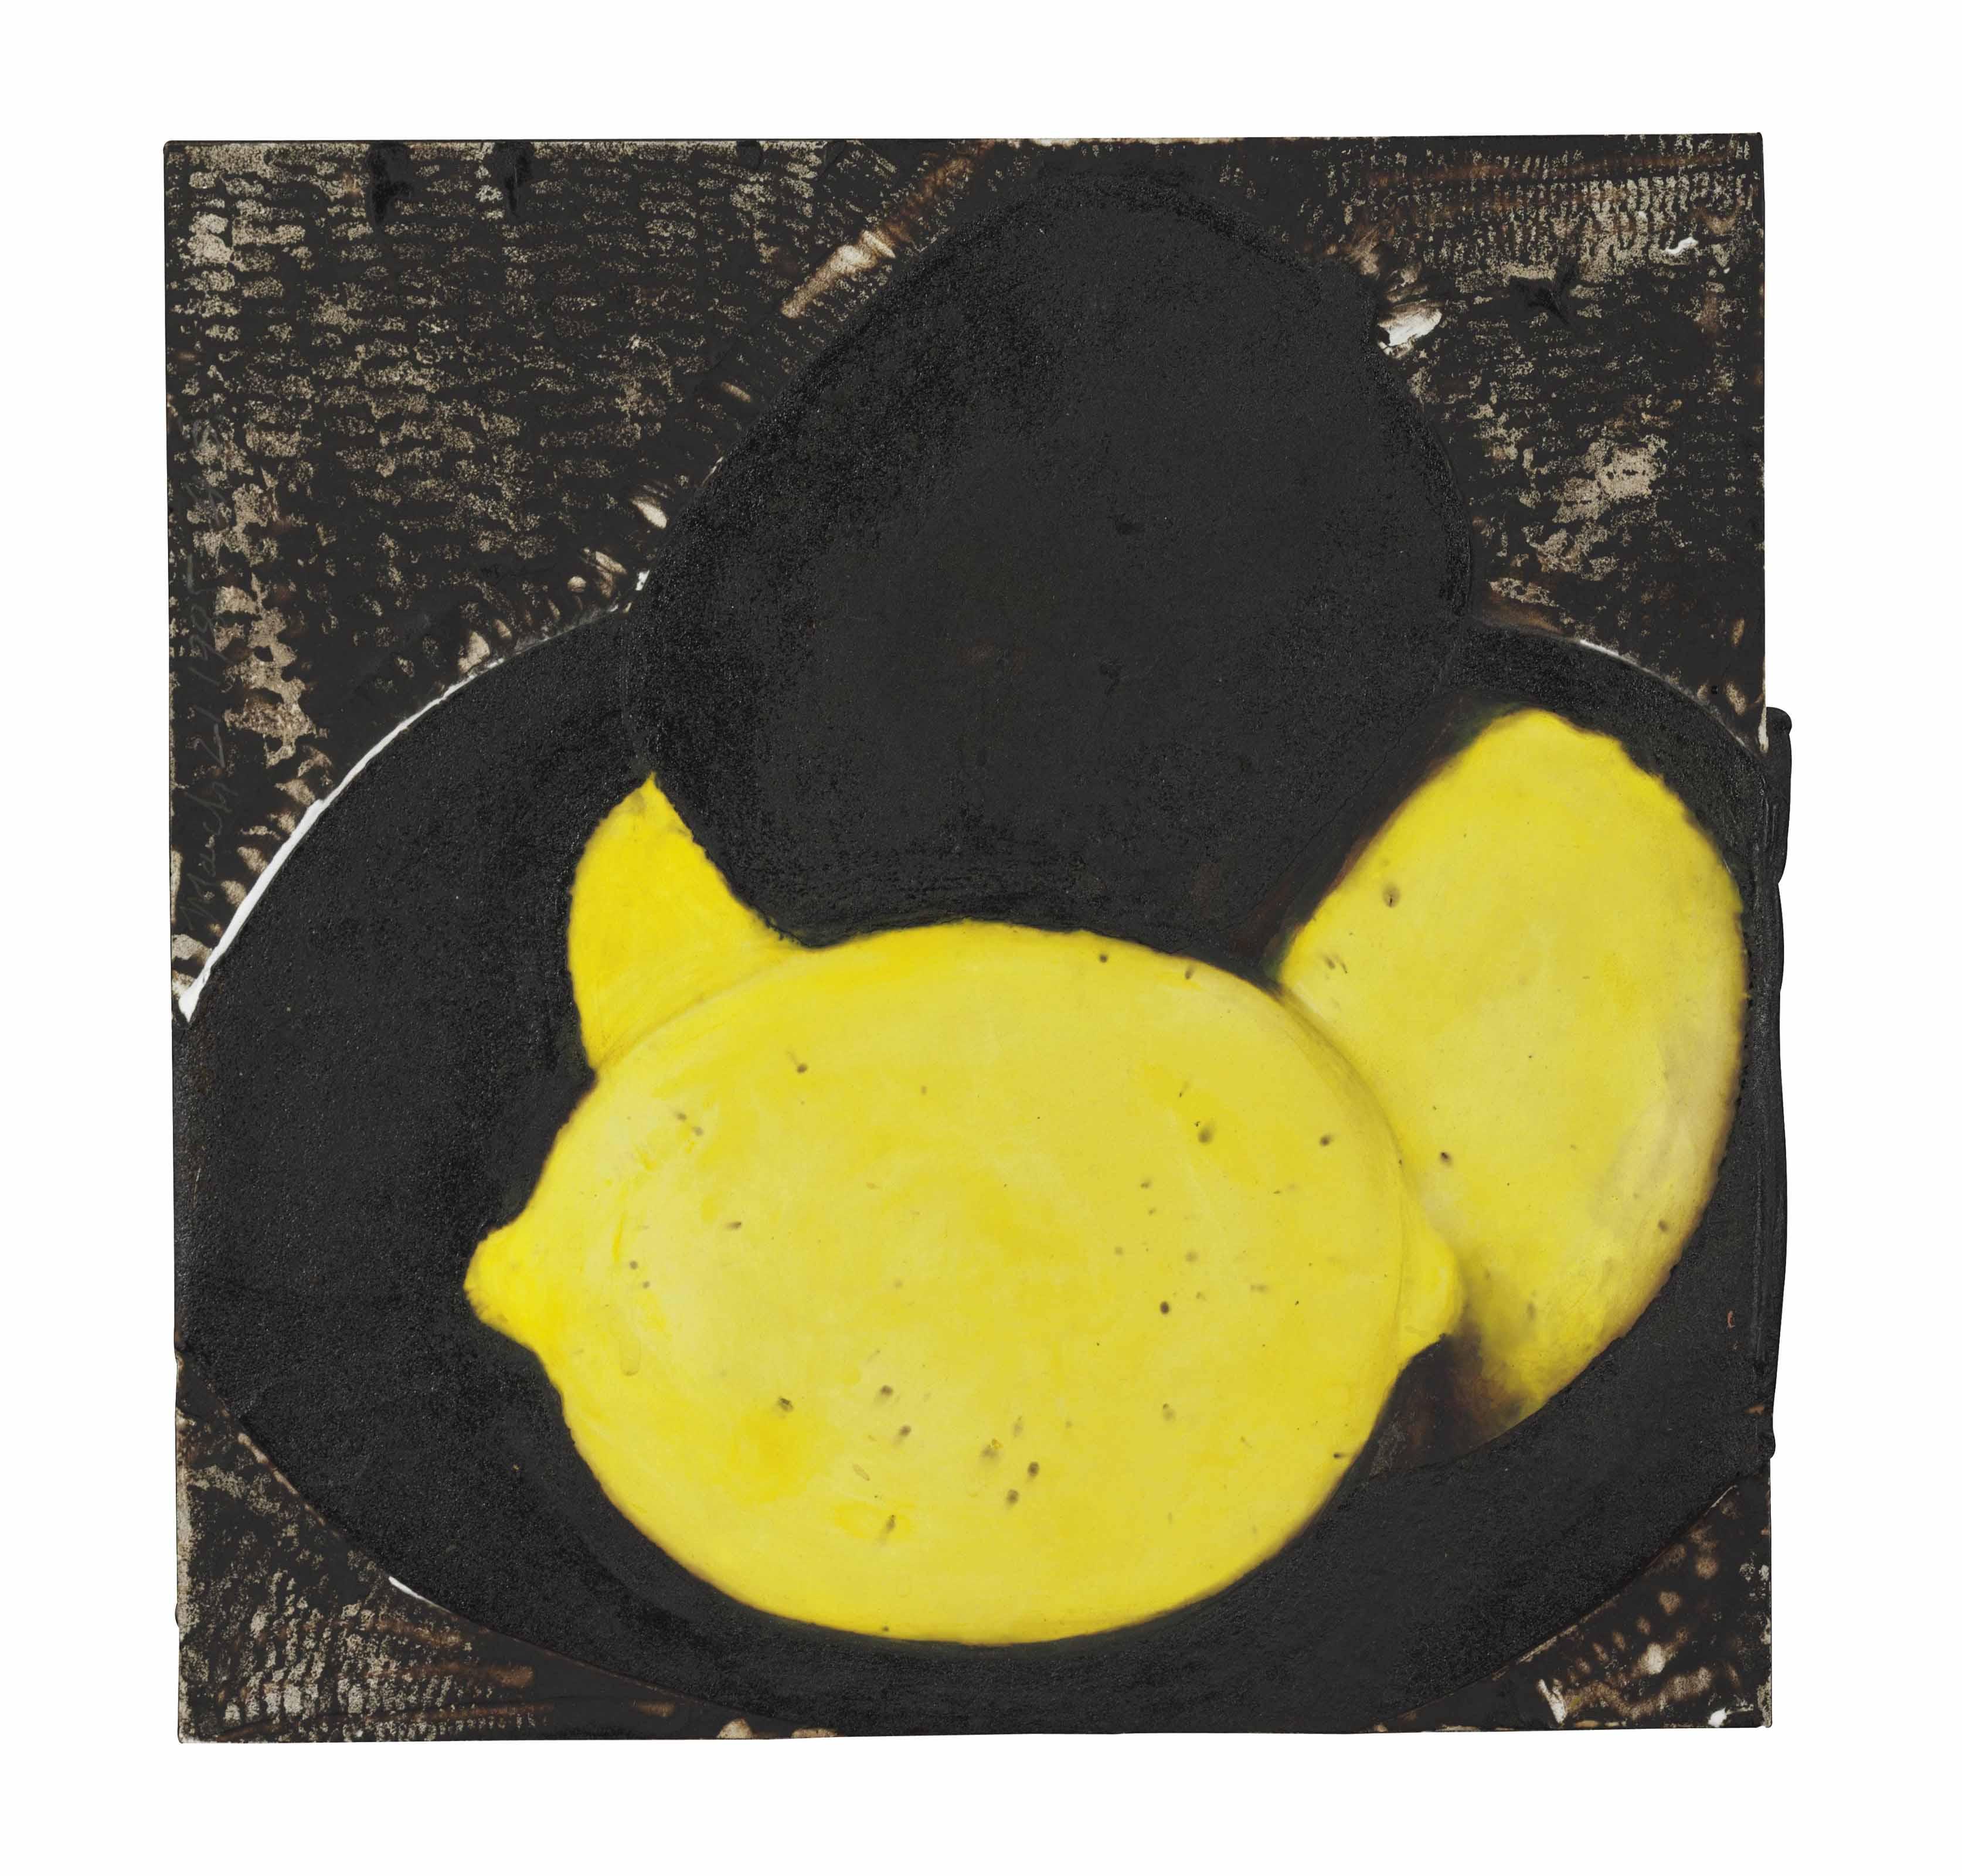 Four Lemons March 21 1985